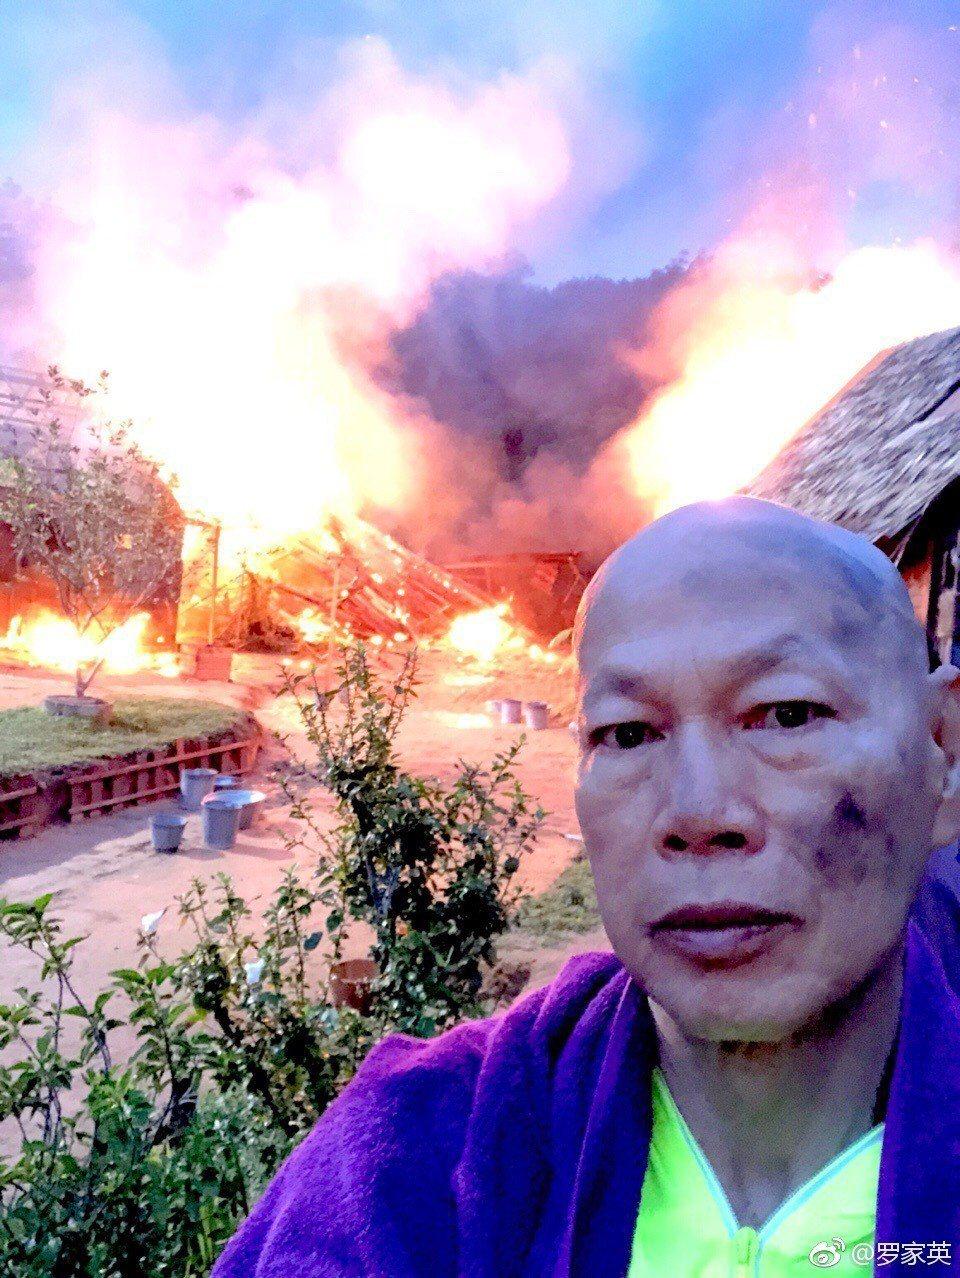 羅家英曝光當時火場失火照,怵目驚心。圖/擷自微博。